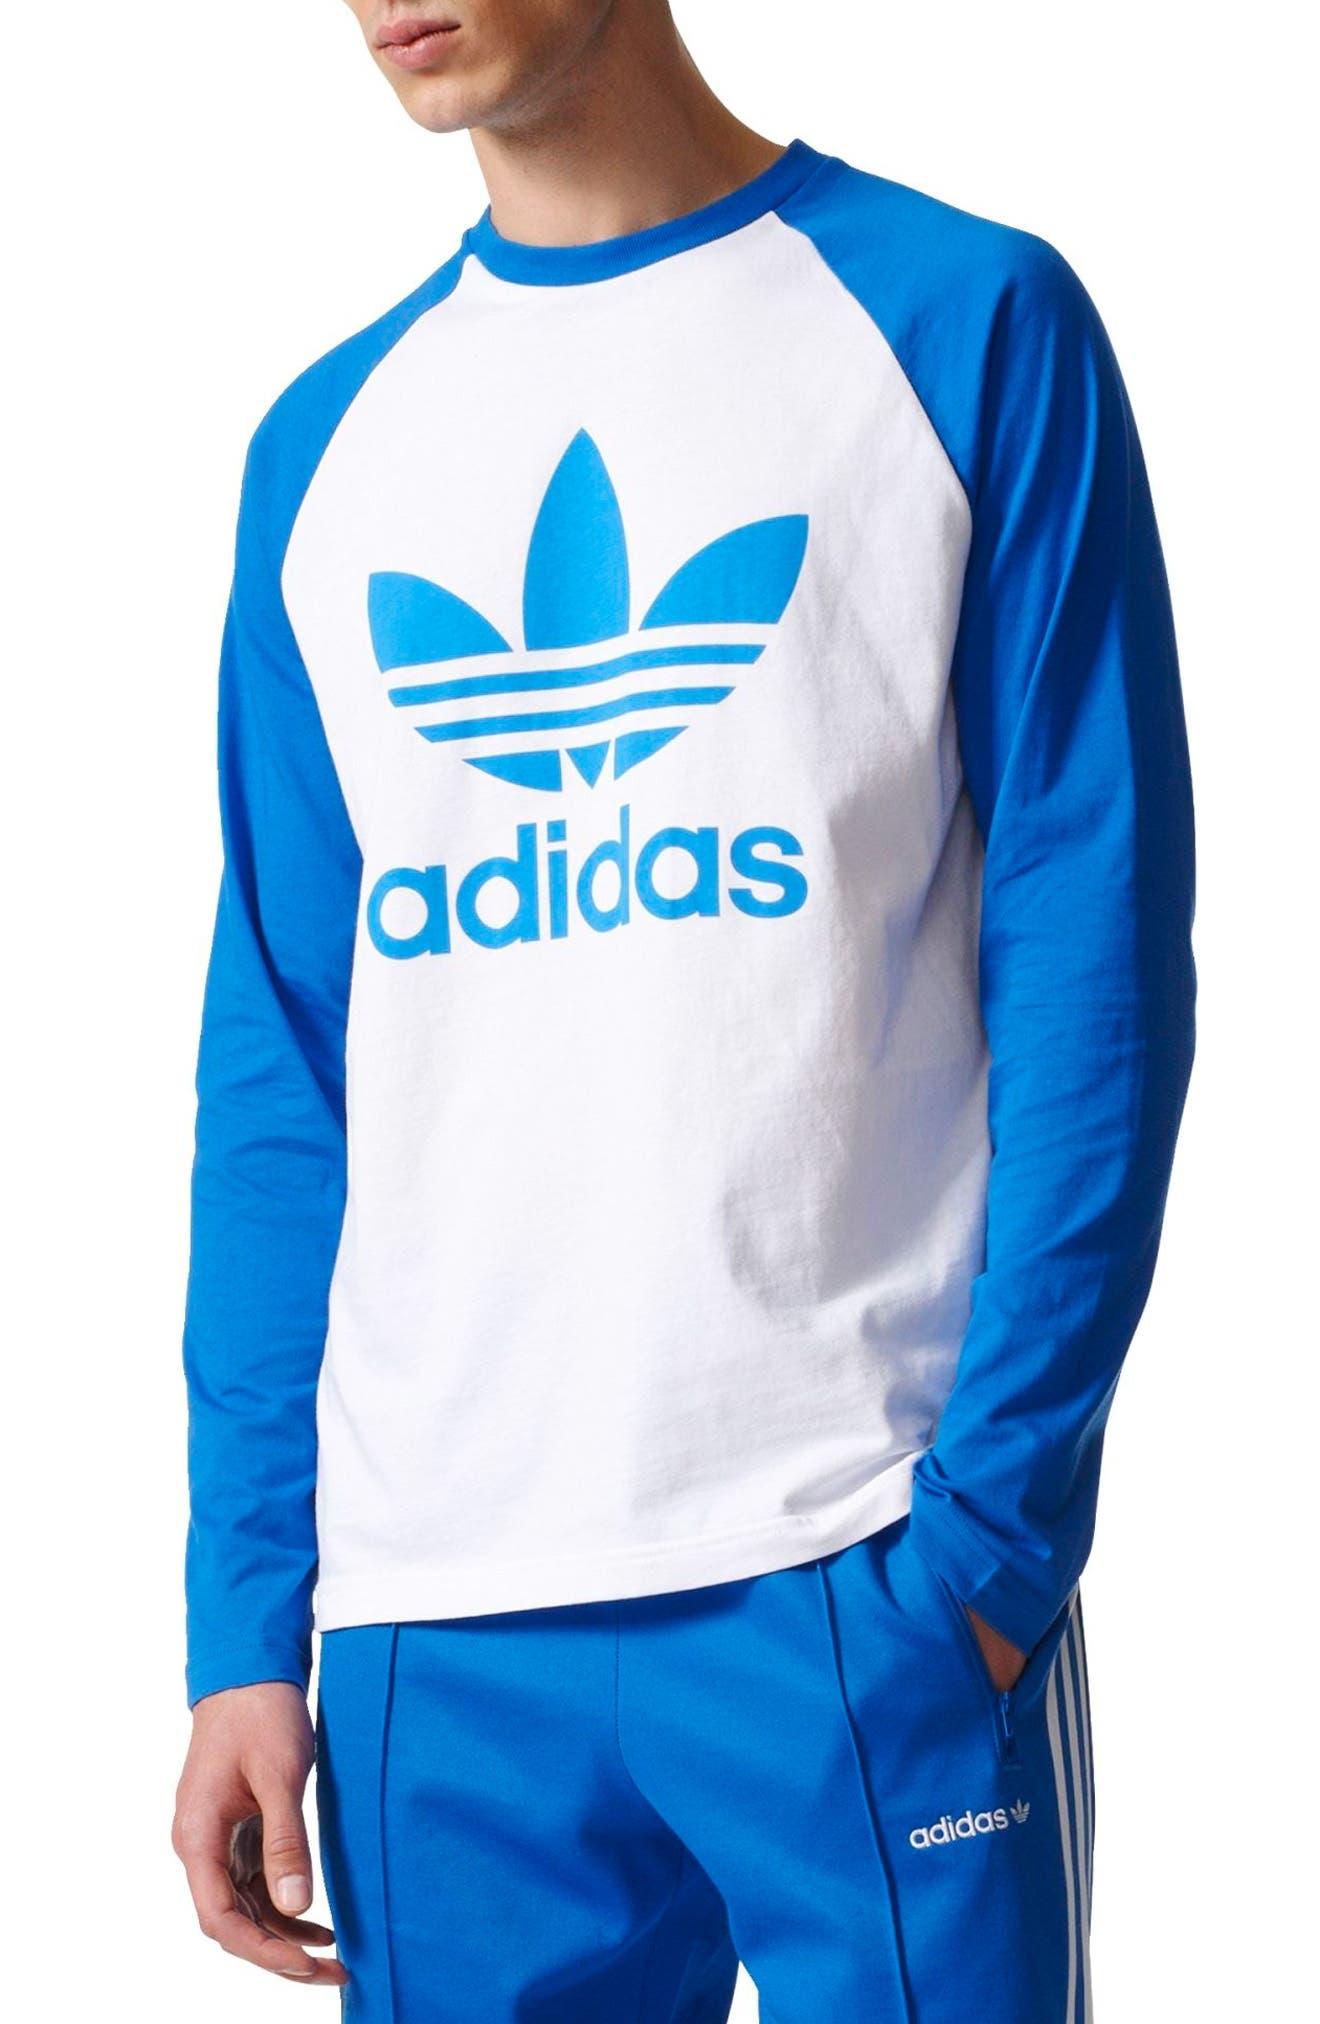 ADIDAS ORIGINALS adidas Logo Graphic T-Shirt